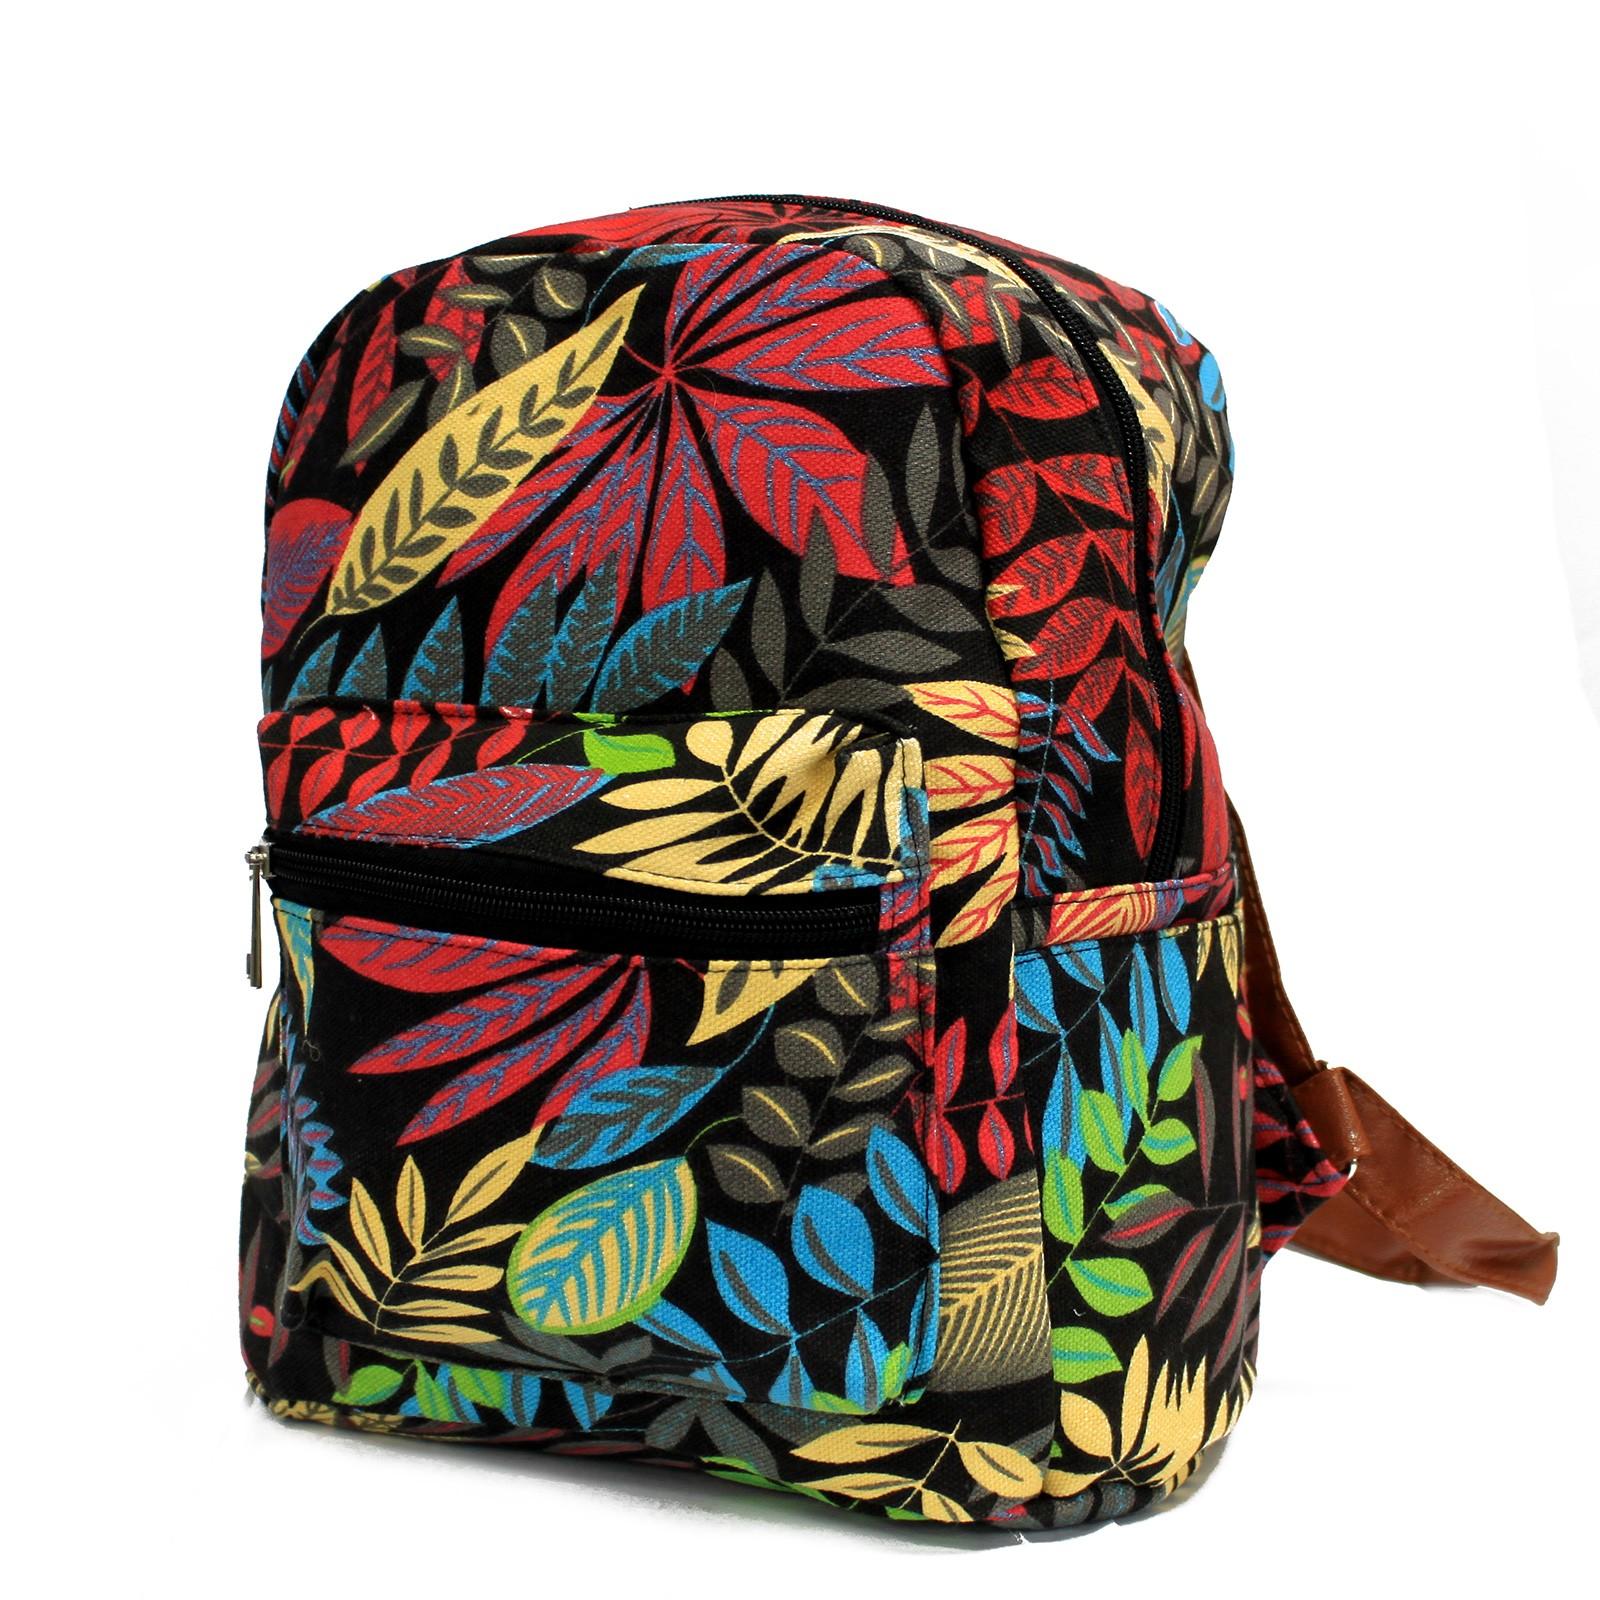 Jungle Bag Undersized Backpack Black  Orange